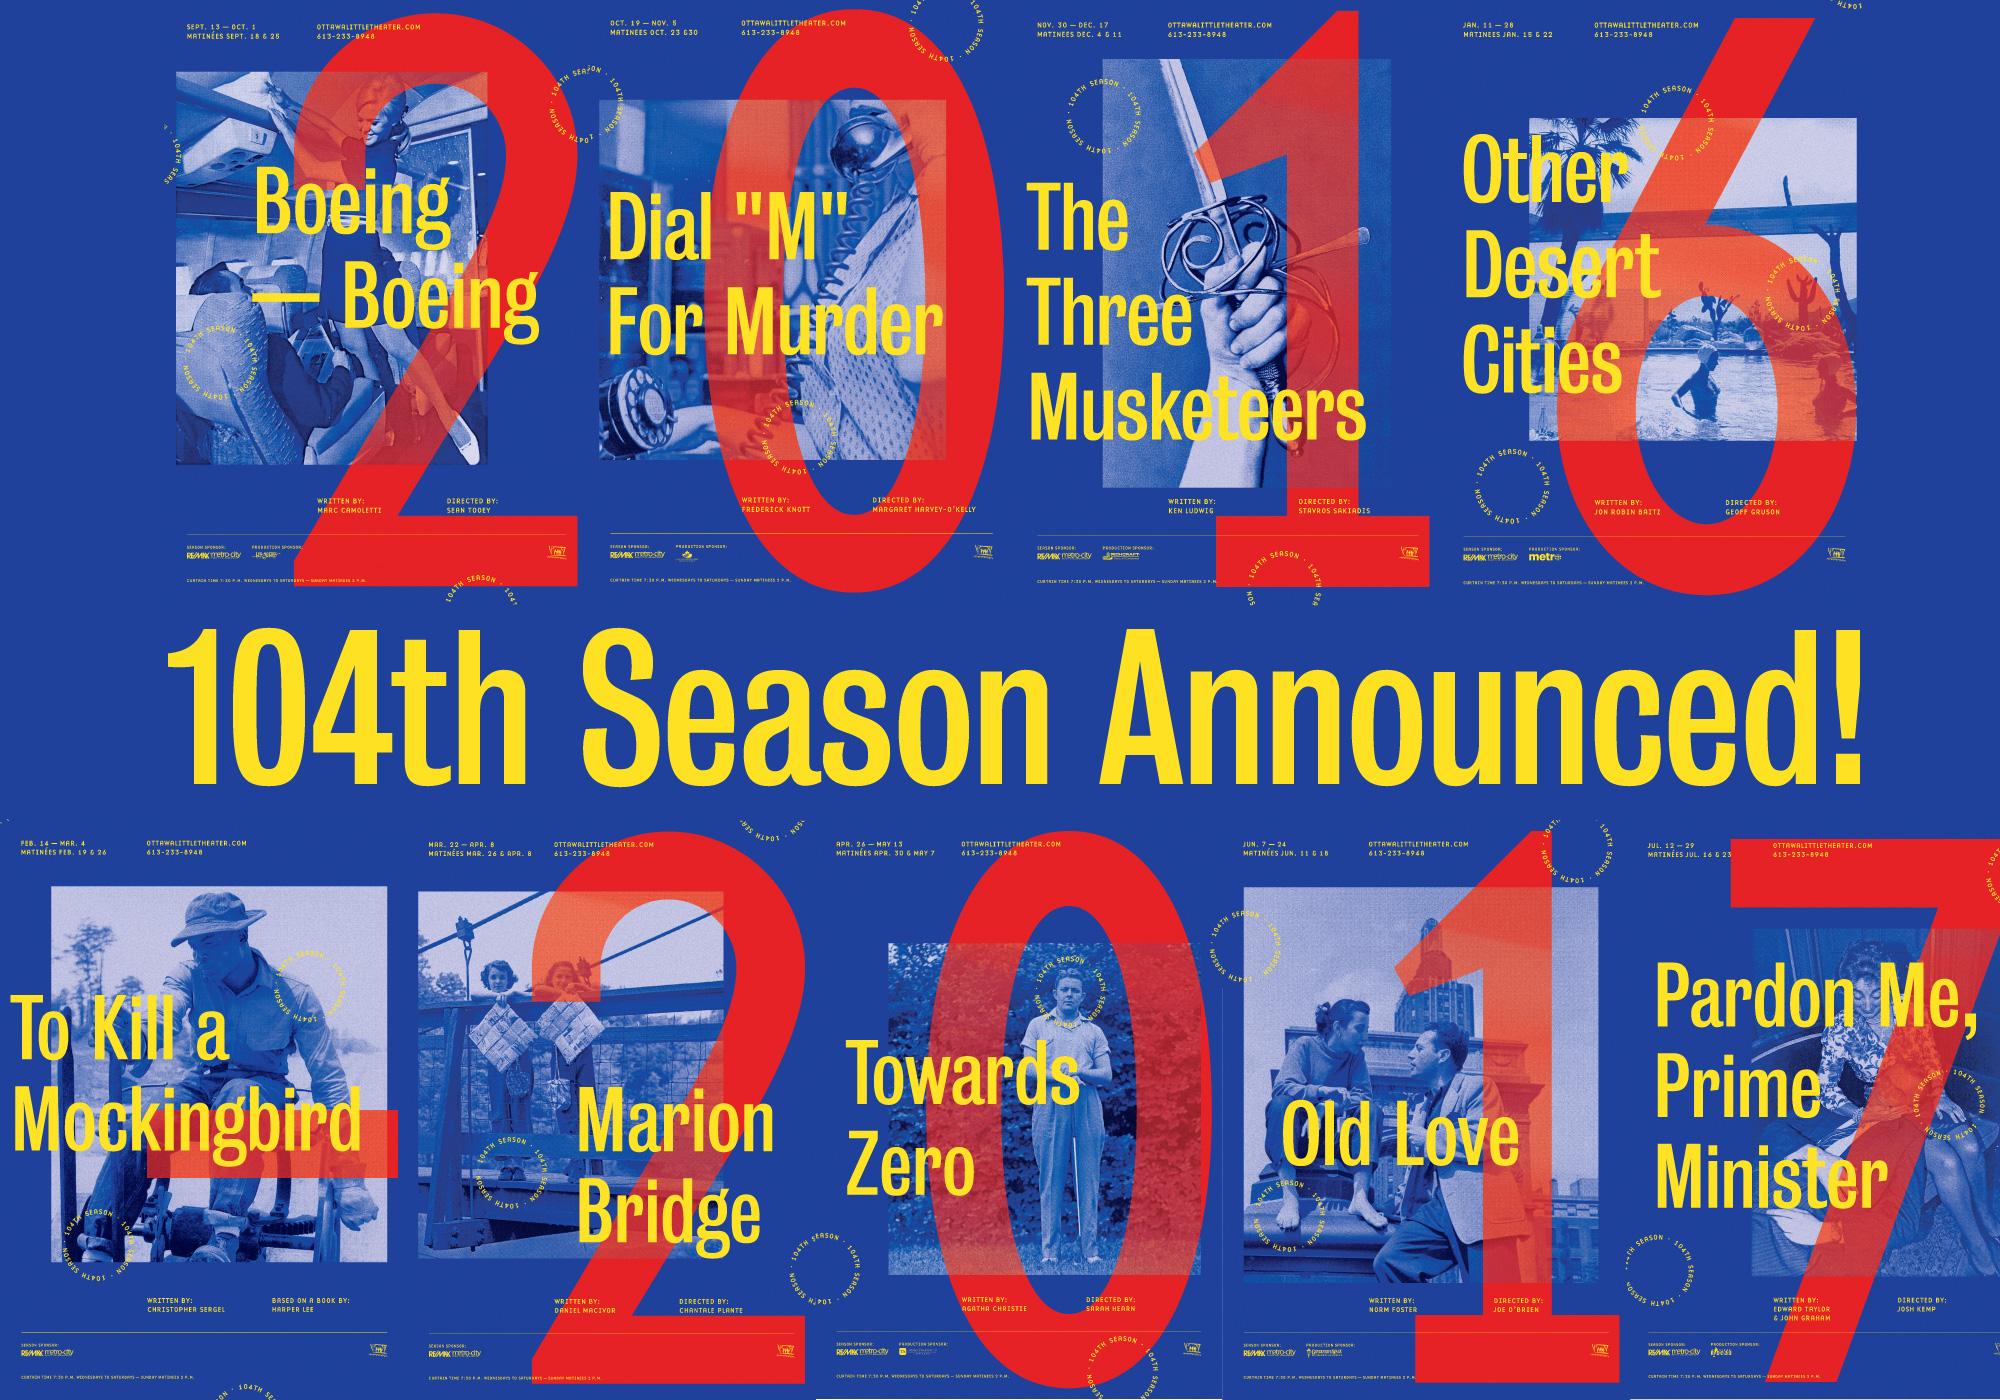 104th Season Announced!